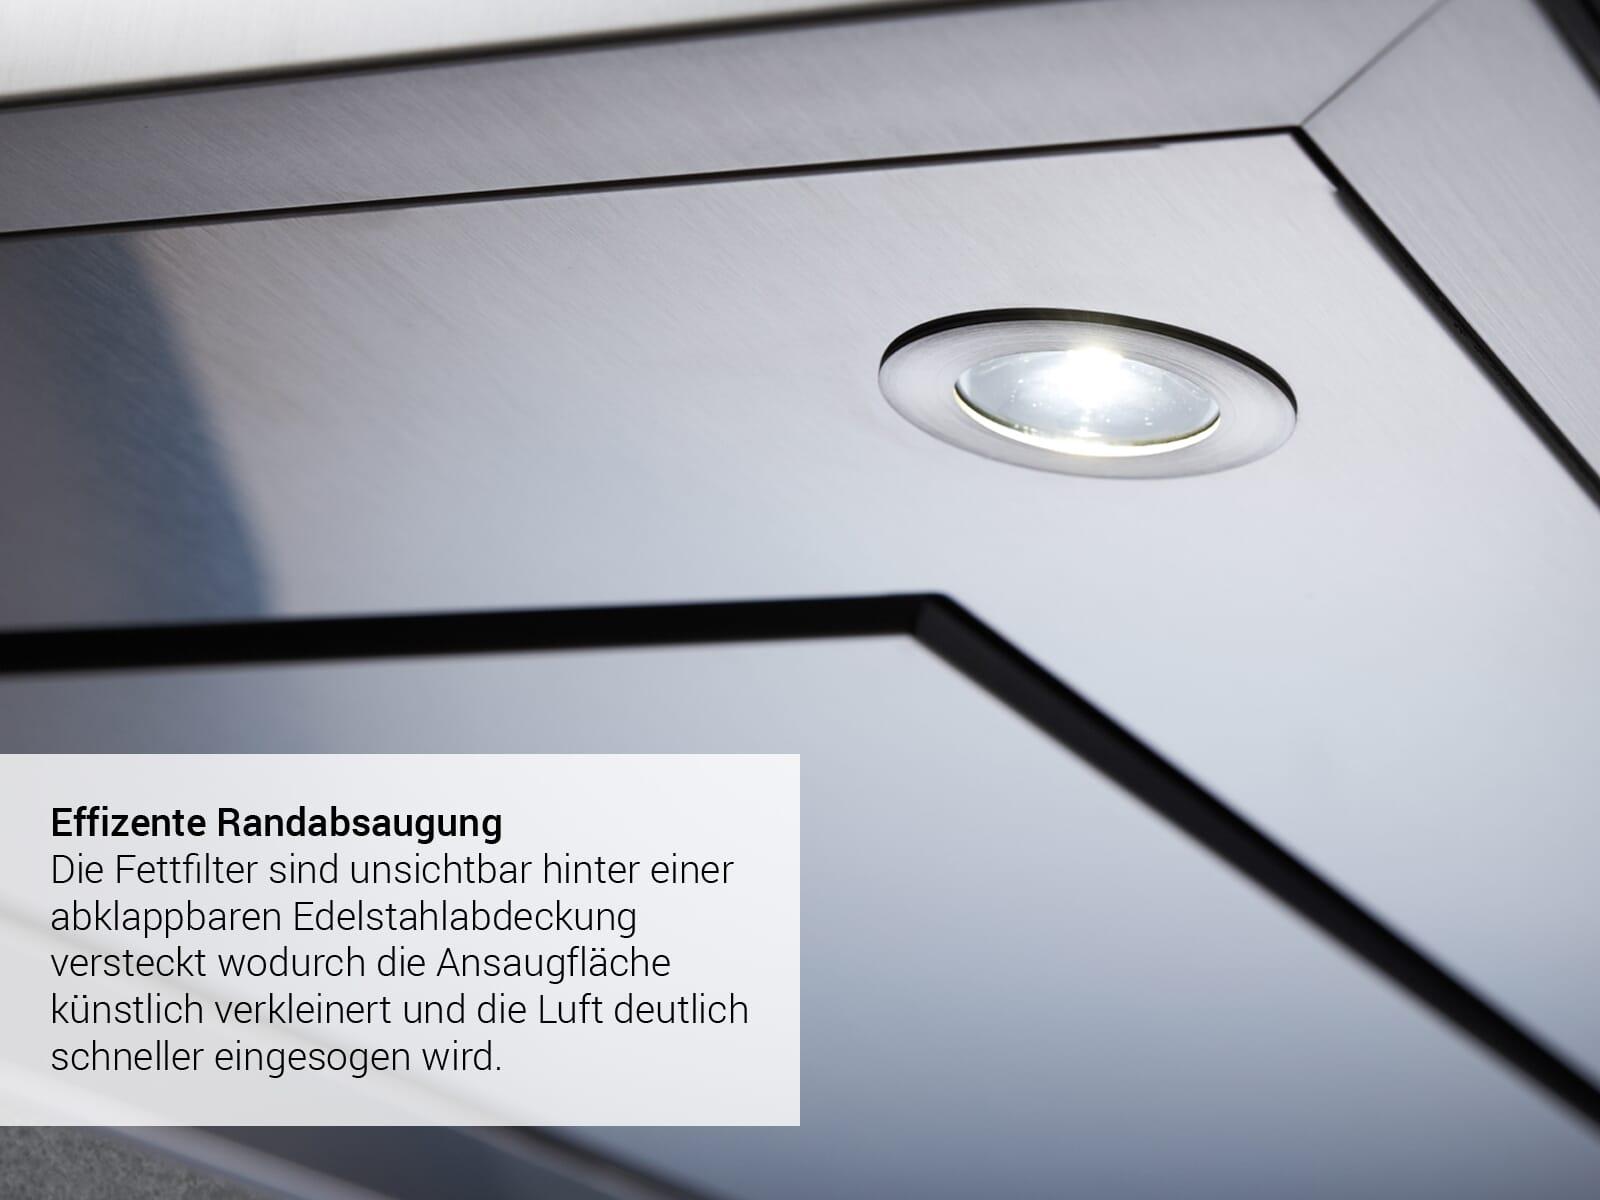 Küppersbusch DW 8500.0 S K-Series. 5 Kopffreihaube 80 cm Schwarz/Edelstahl